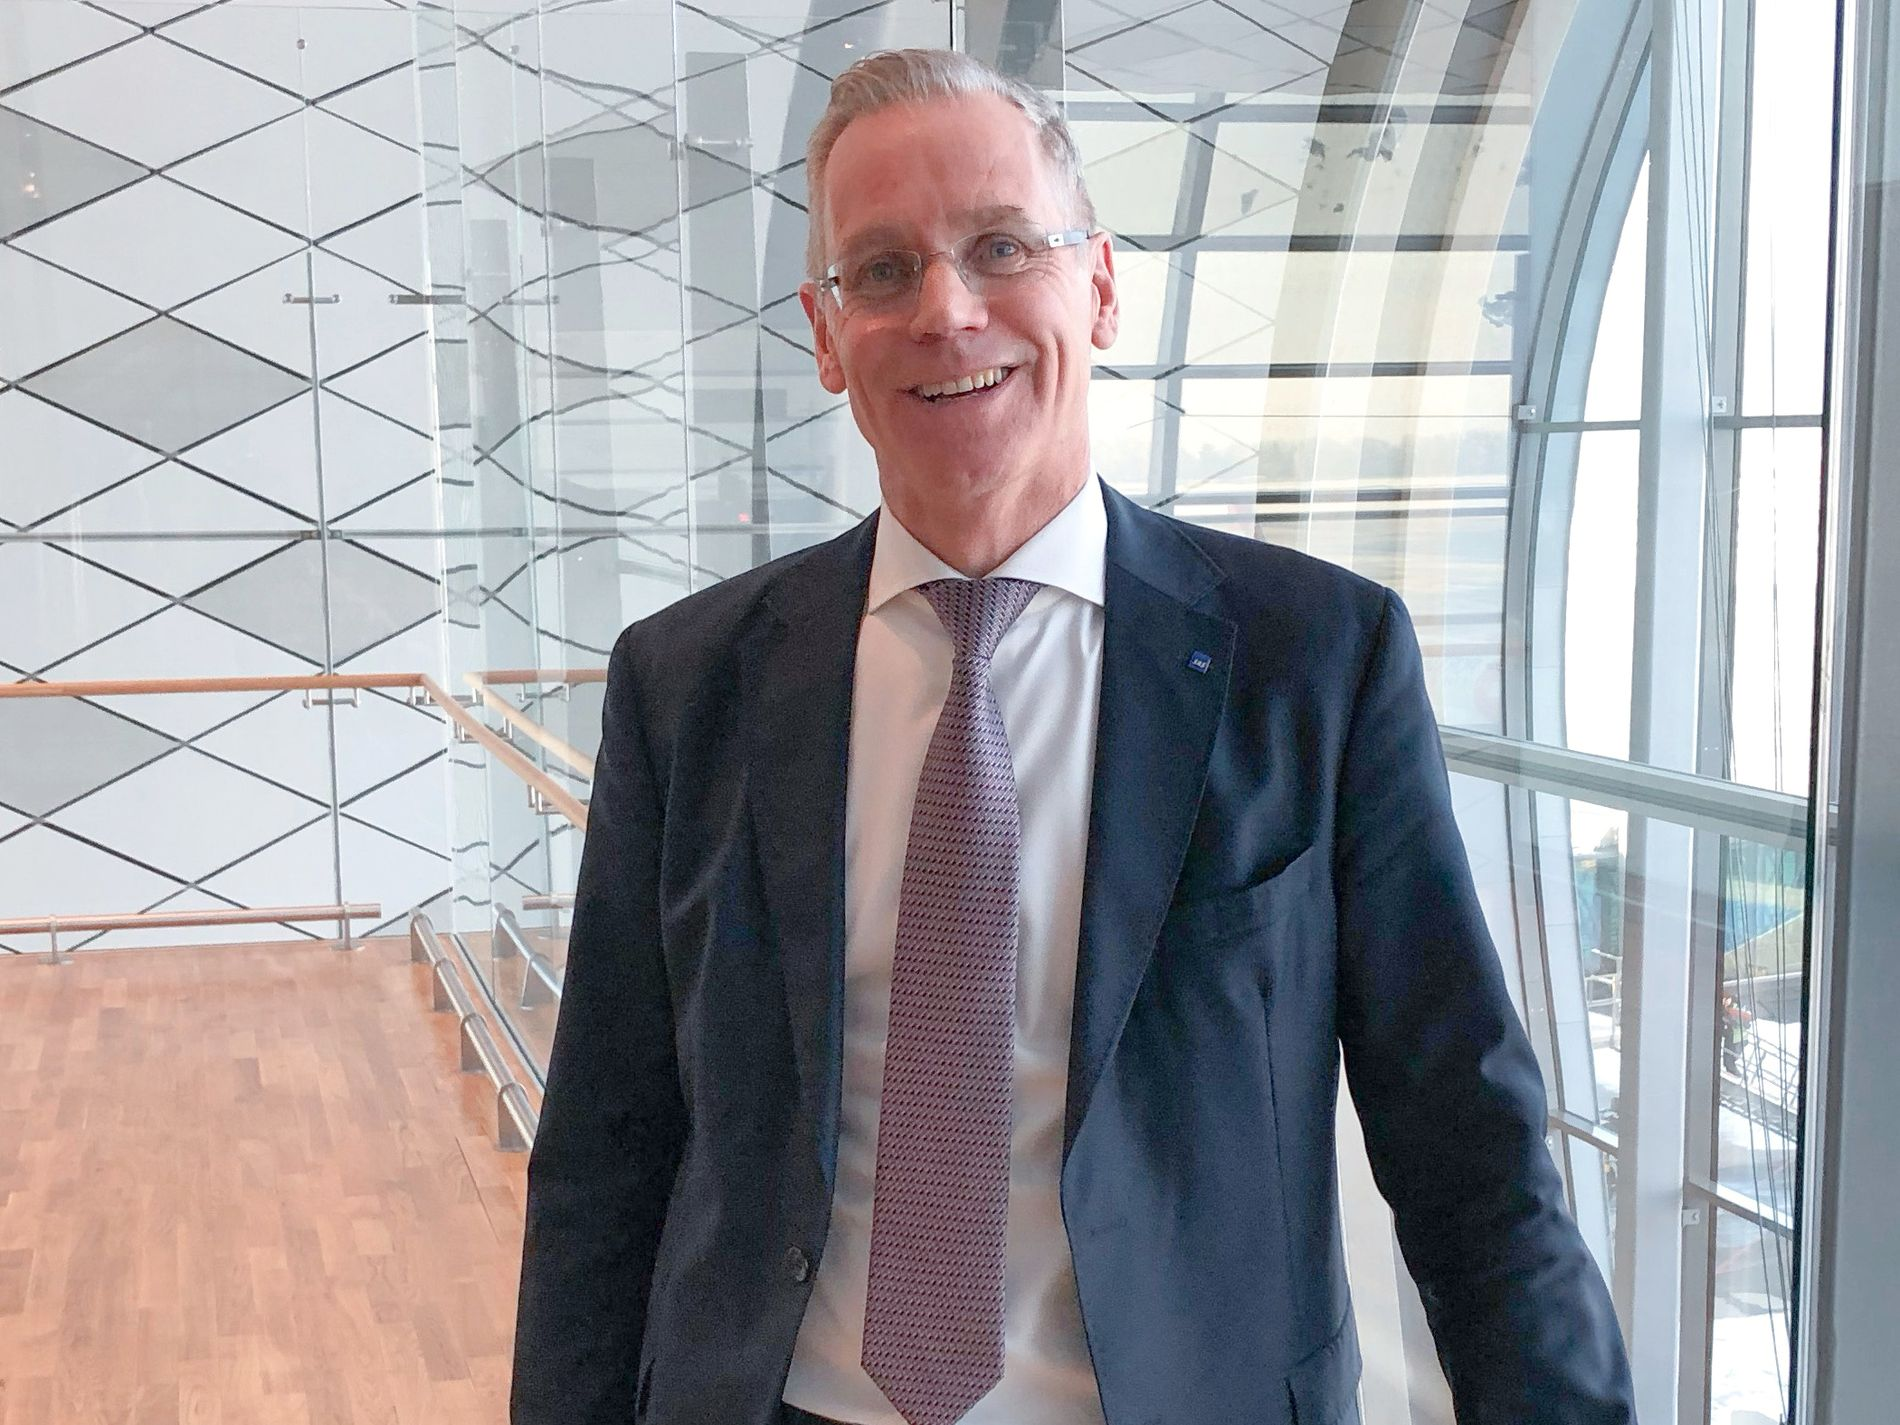 Konsernsjef Rickard Gustafson i SAS avbildet på Oslo Lufthavn